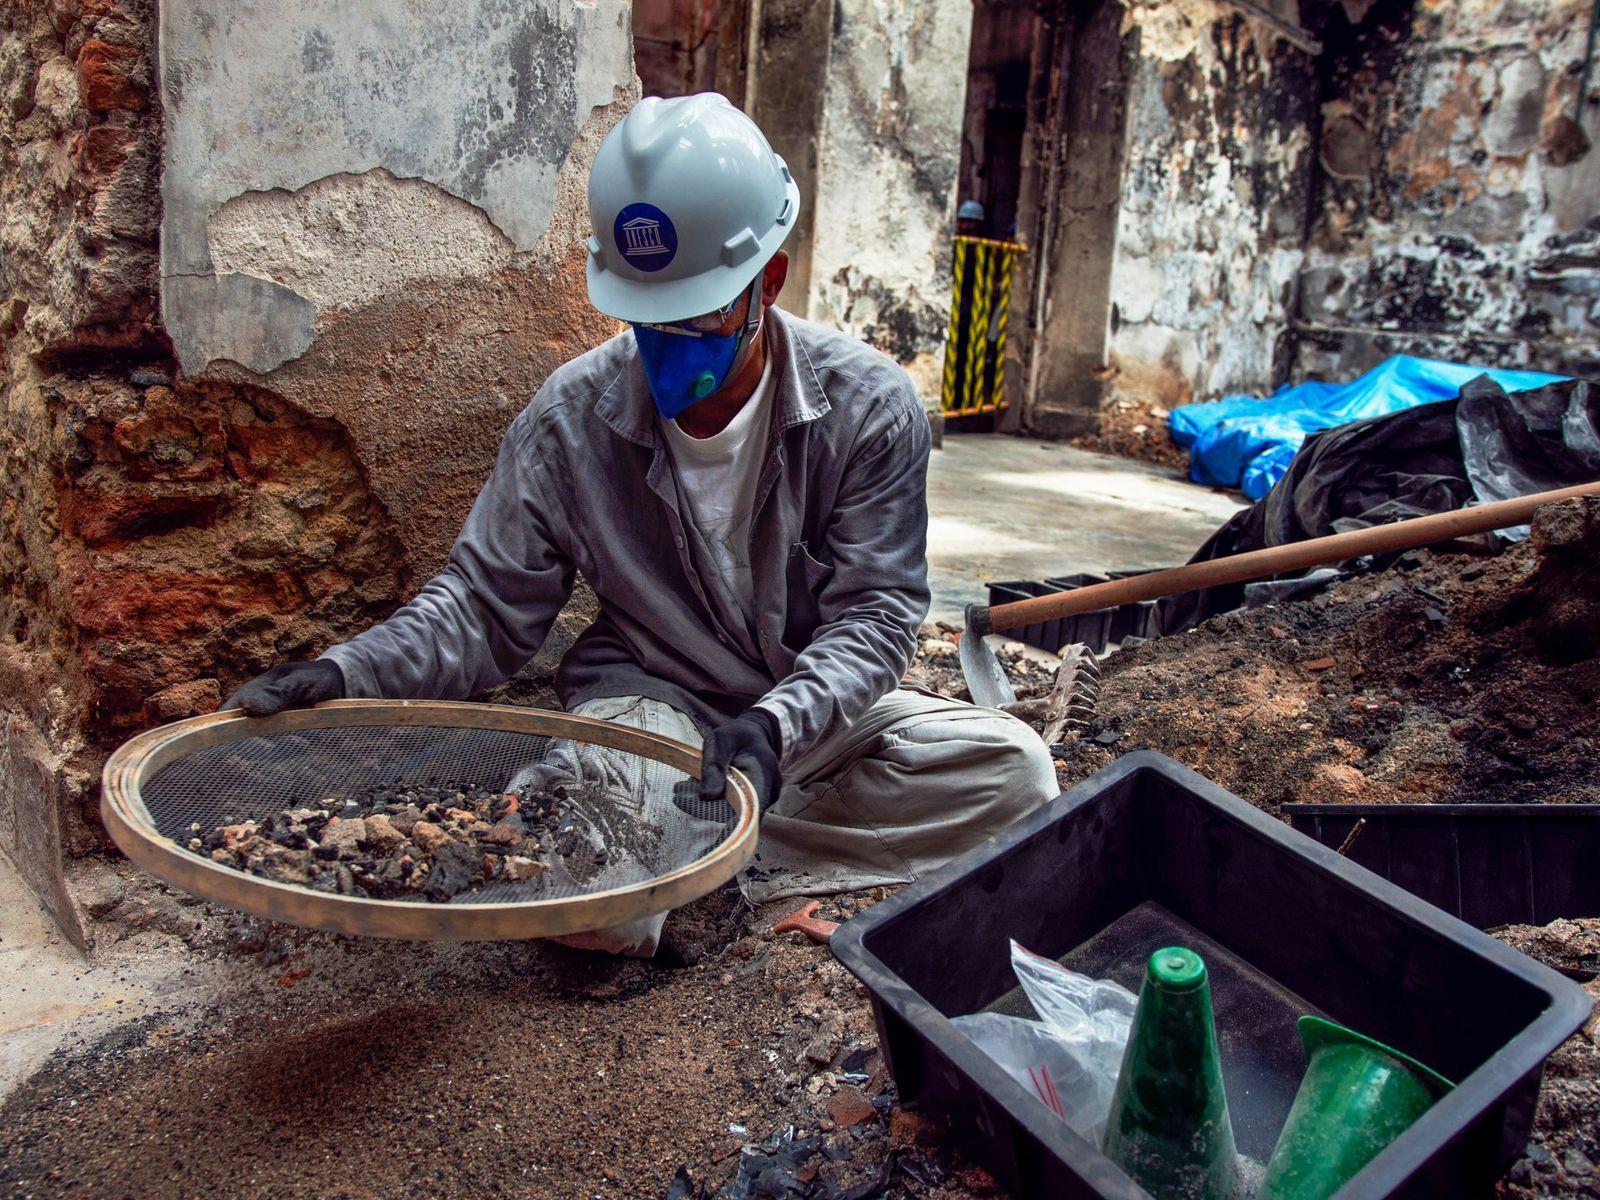 Com uma peneira, funcionário do Museu Nacional tenta separar itens do acervo de escombros do Museu ...